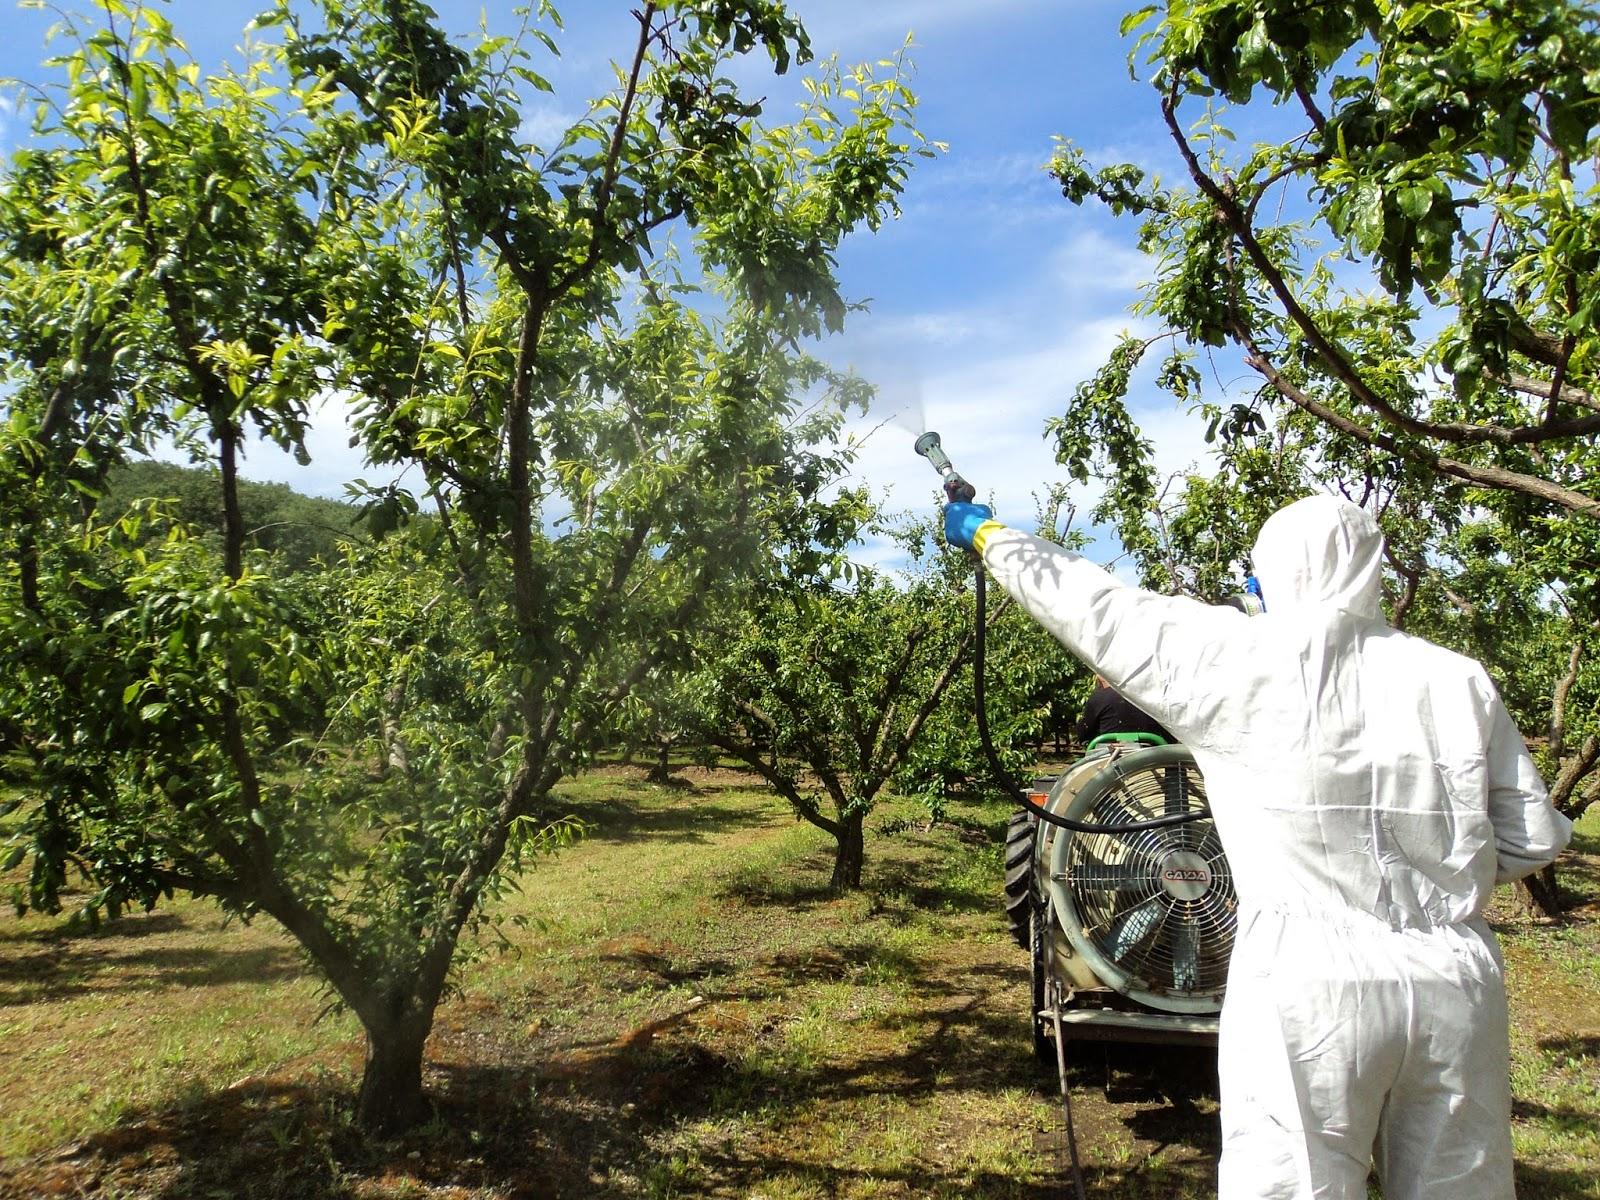 Séminaire sur les méthodes de prévention et de lutte contre les bioagresseurs à Berkane